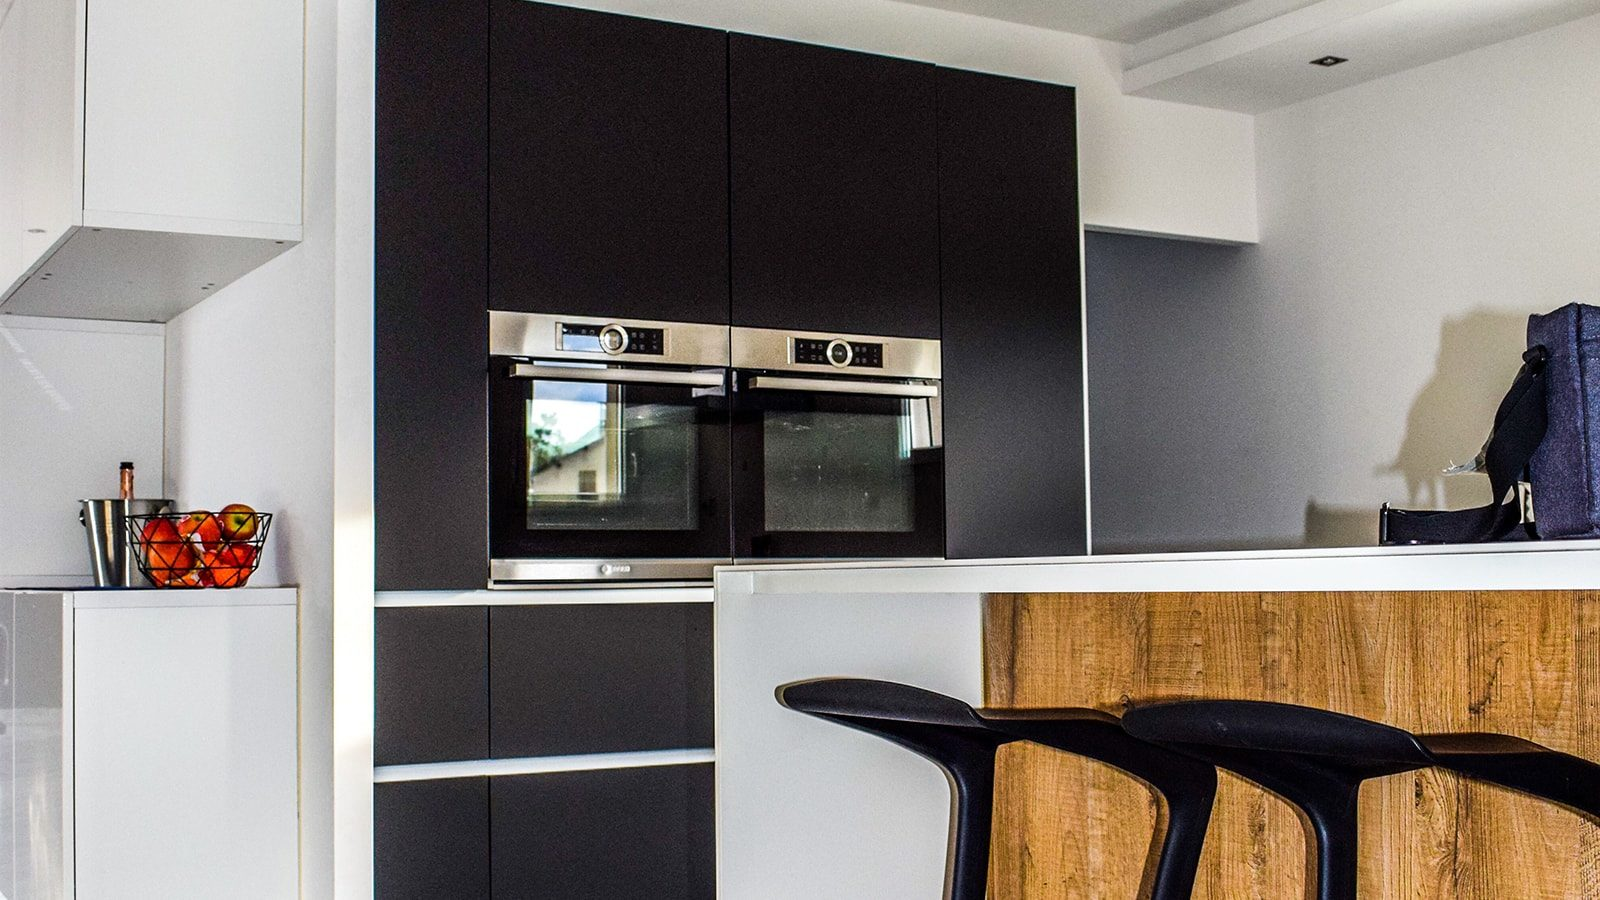 8 Contemporary Black and White Kitchen Design Ideas